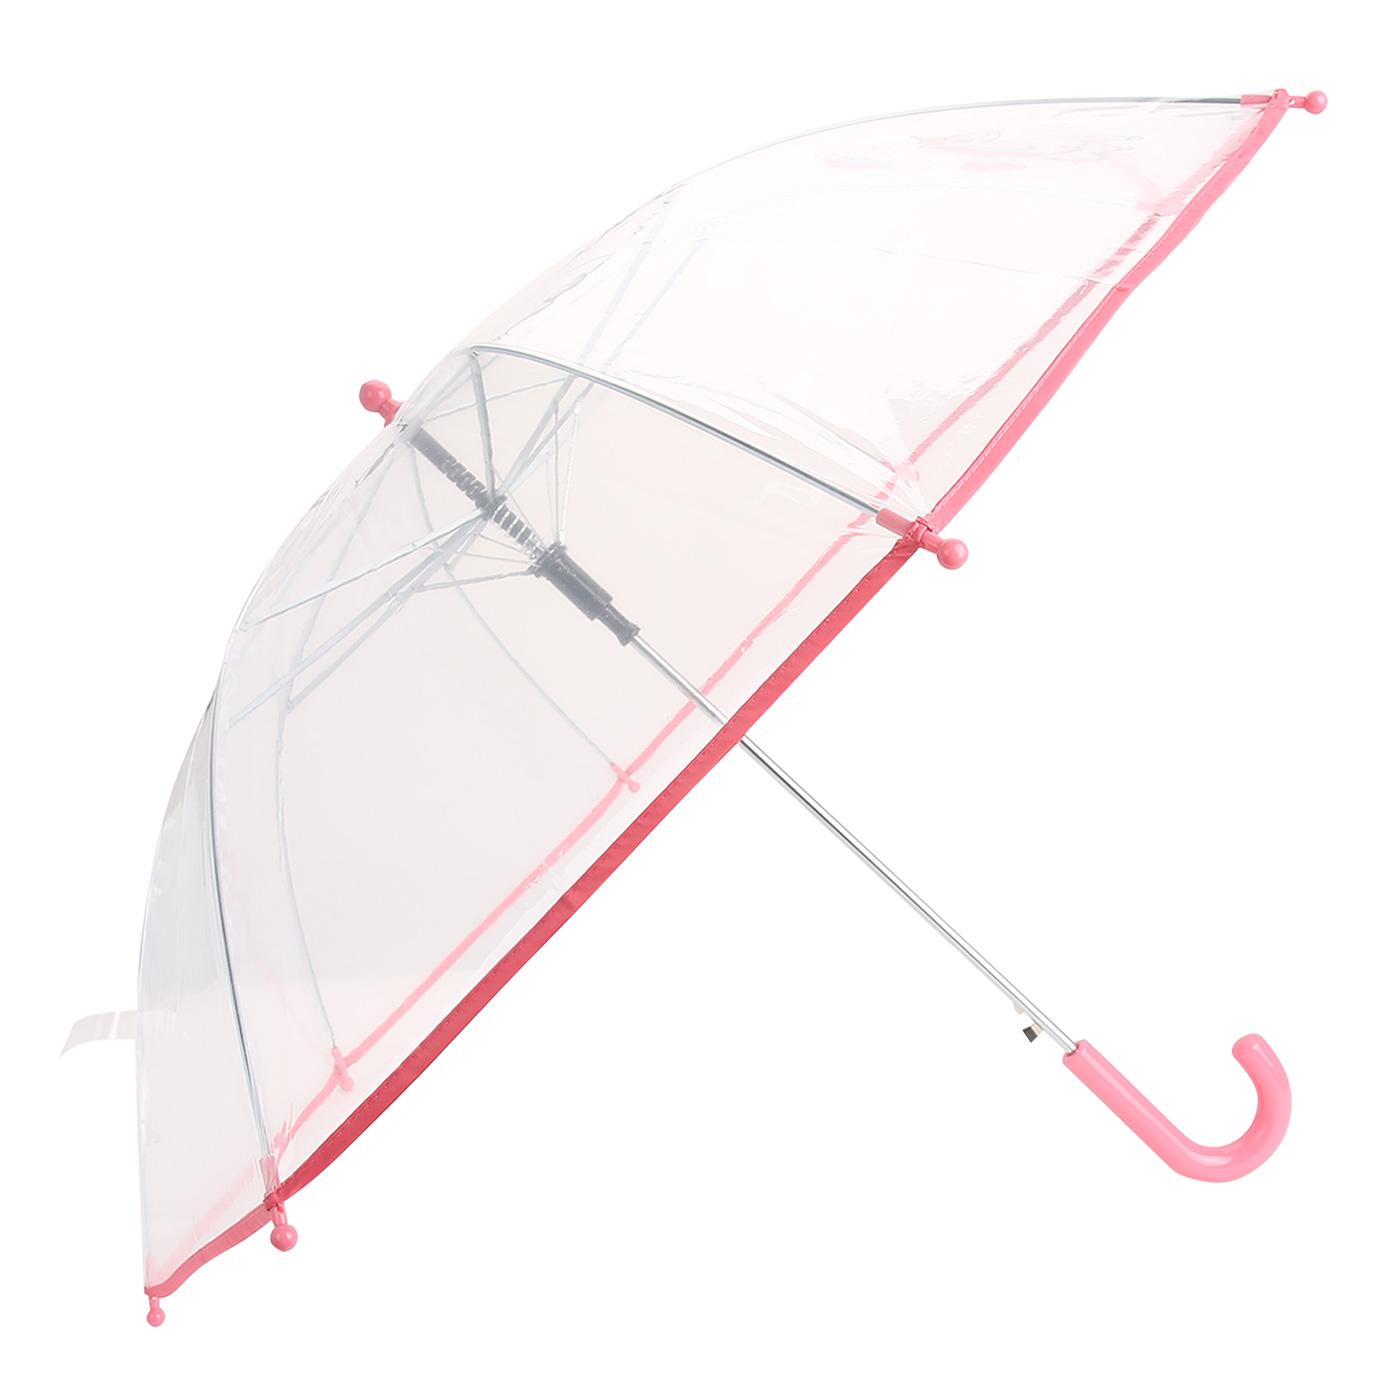 슈펜 아동용 캐릭터 투명 우산